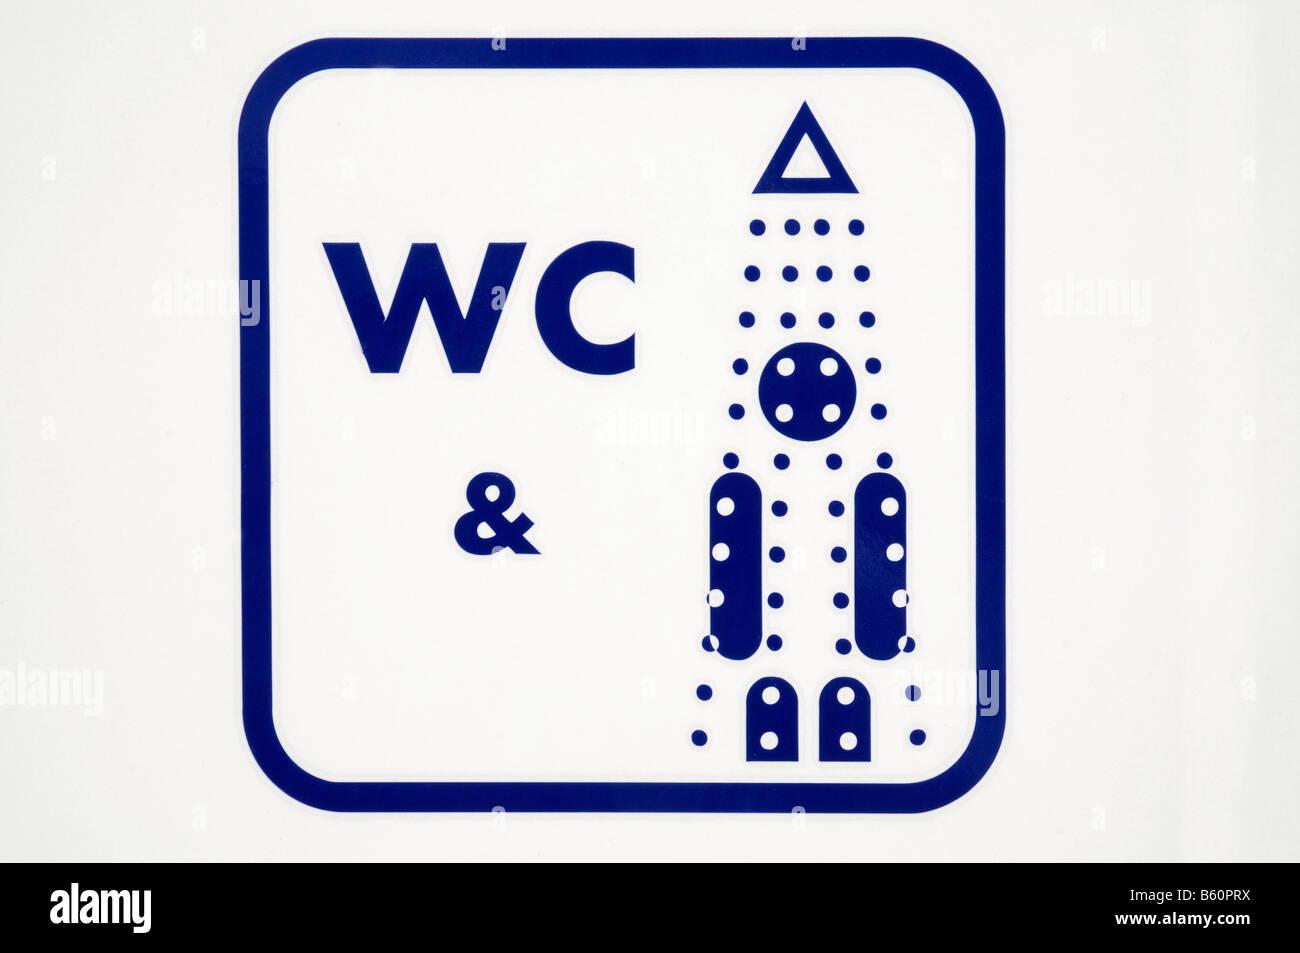 WC, WC, doccia disponibile, offerta, segno, orientamento, Altea, Costa Blanca, Alicante, Spagna, Europa Immagini Stock